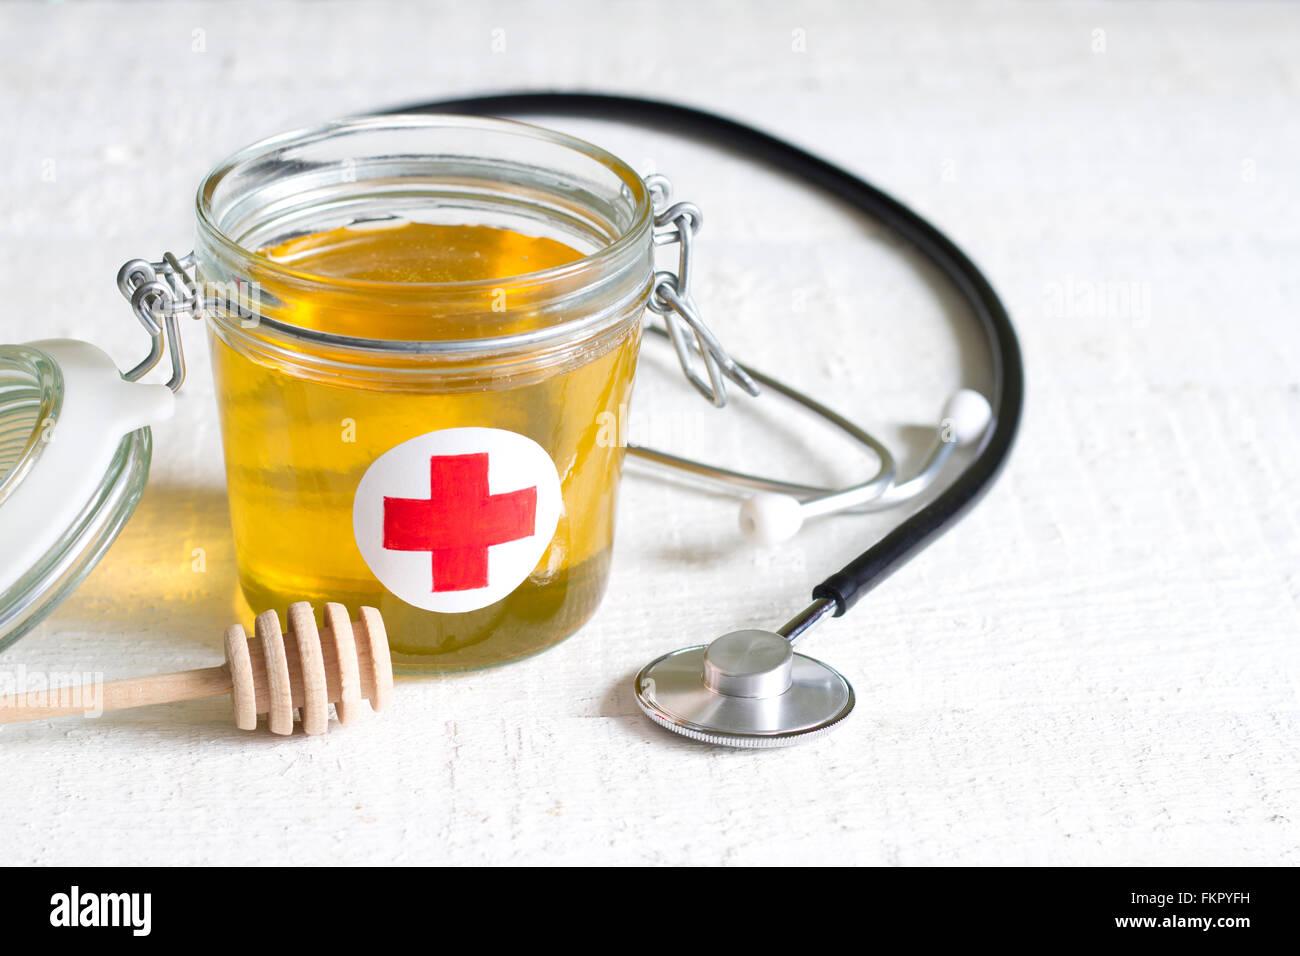 La miel es una cura de salud abstracto concepto de estilo de vida Imagen De Stock